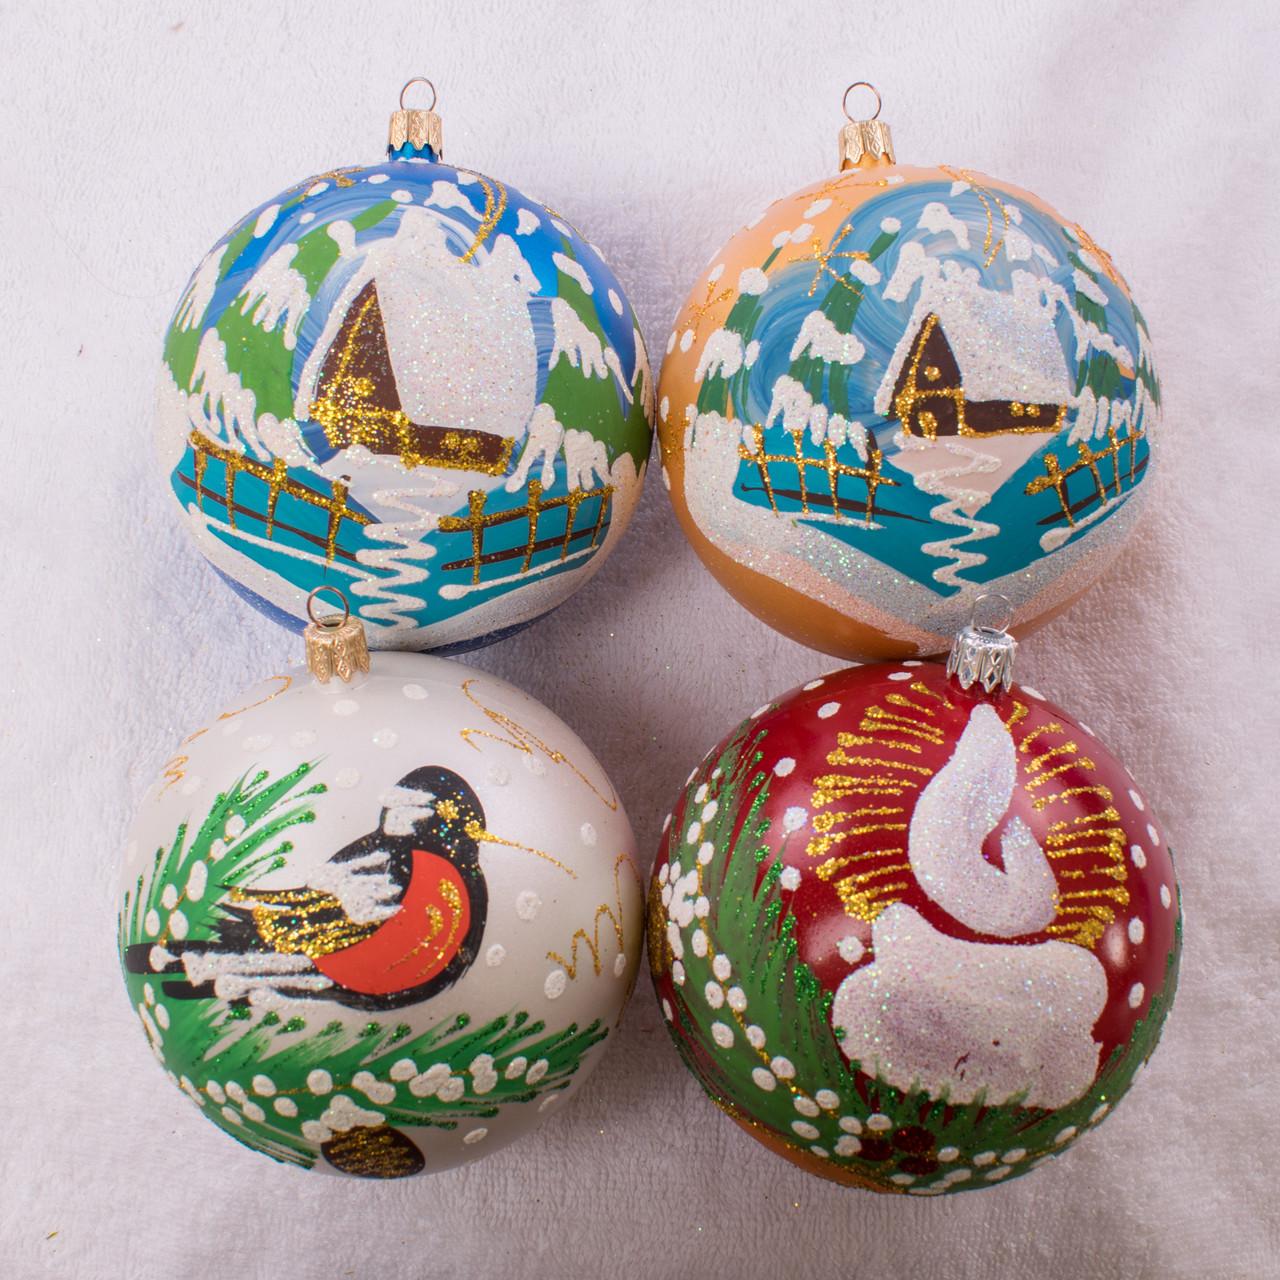 Набор новогодних шаров Handmade 407. В упаковке 4 шара.  Диаметр 100 м